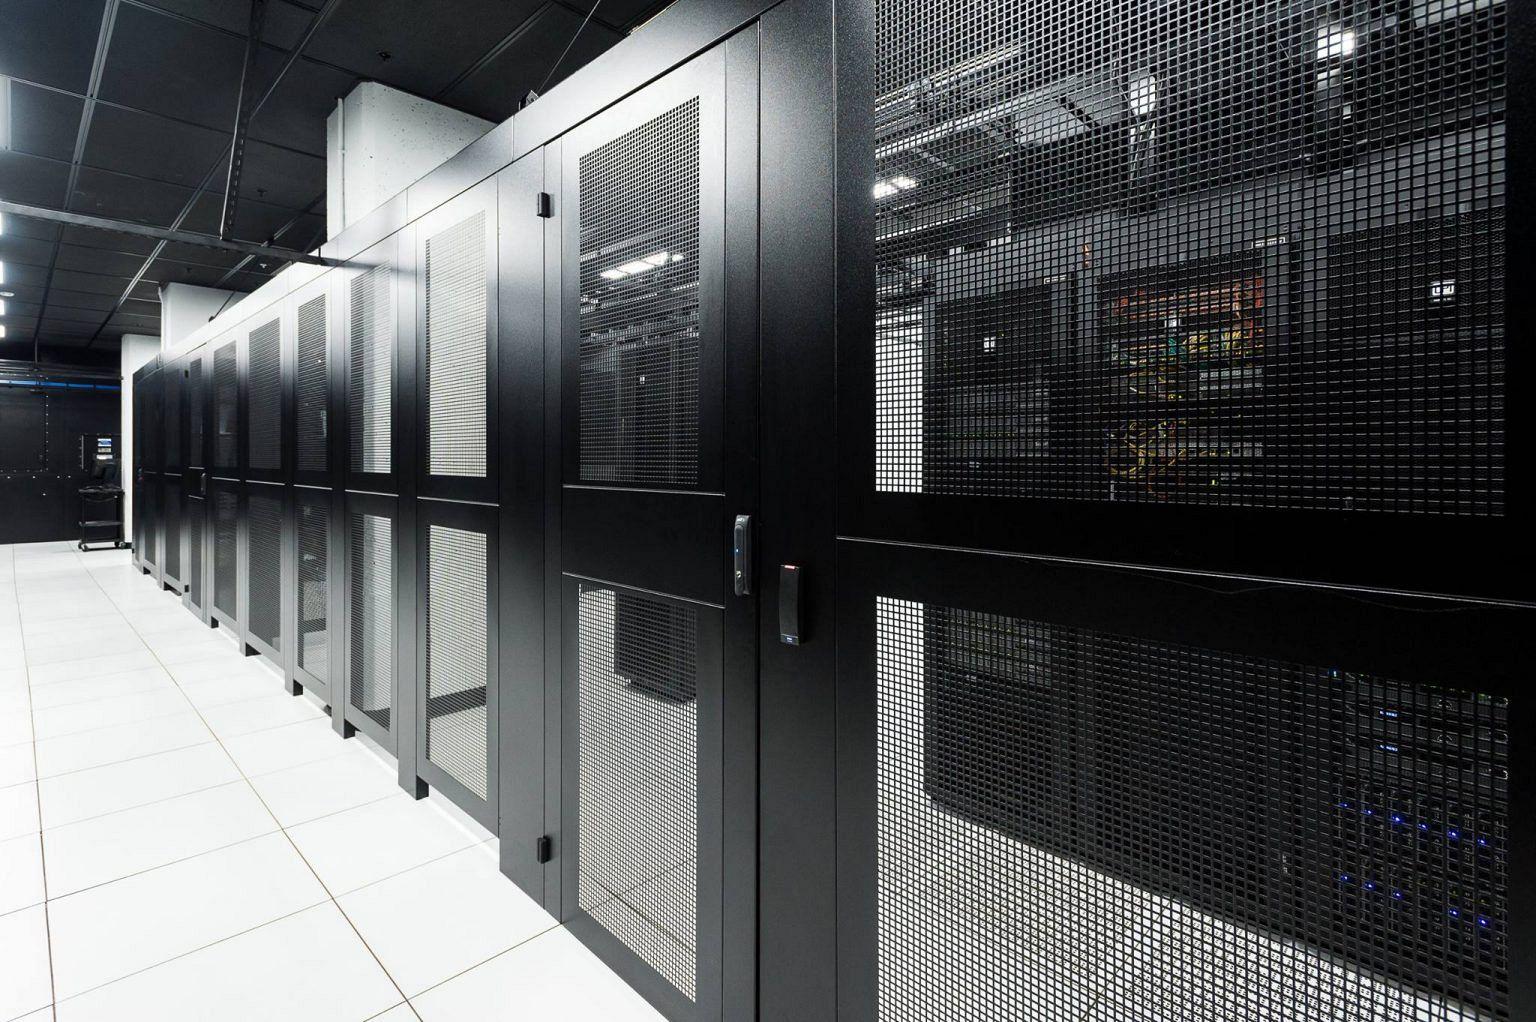 Cologix data center inside